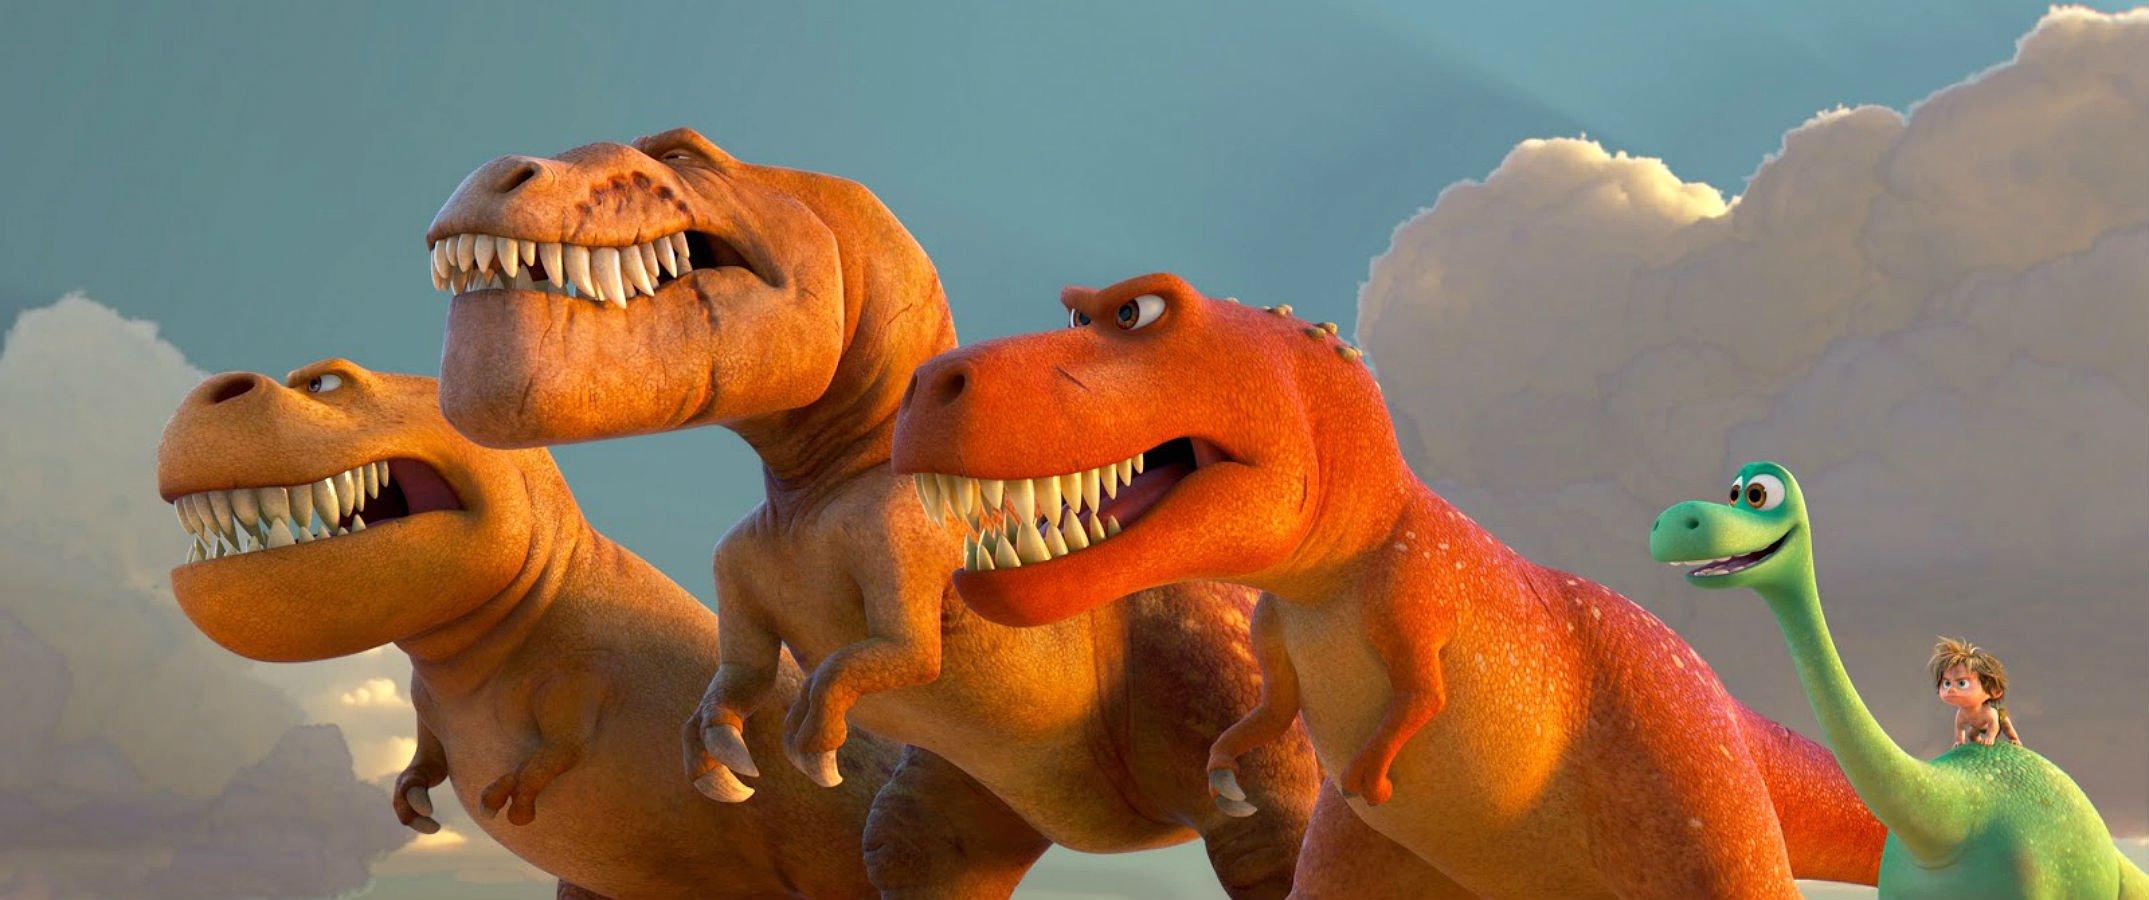 Картинки из мультфильма про динозавров